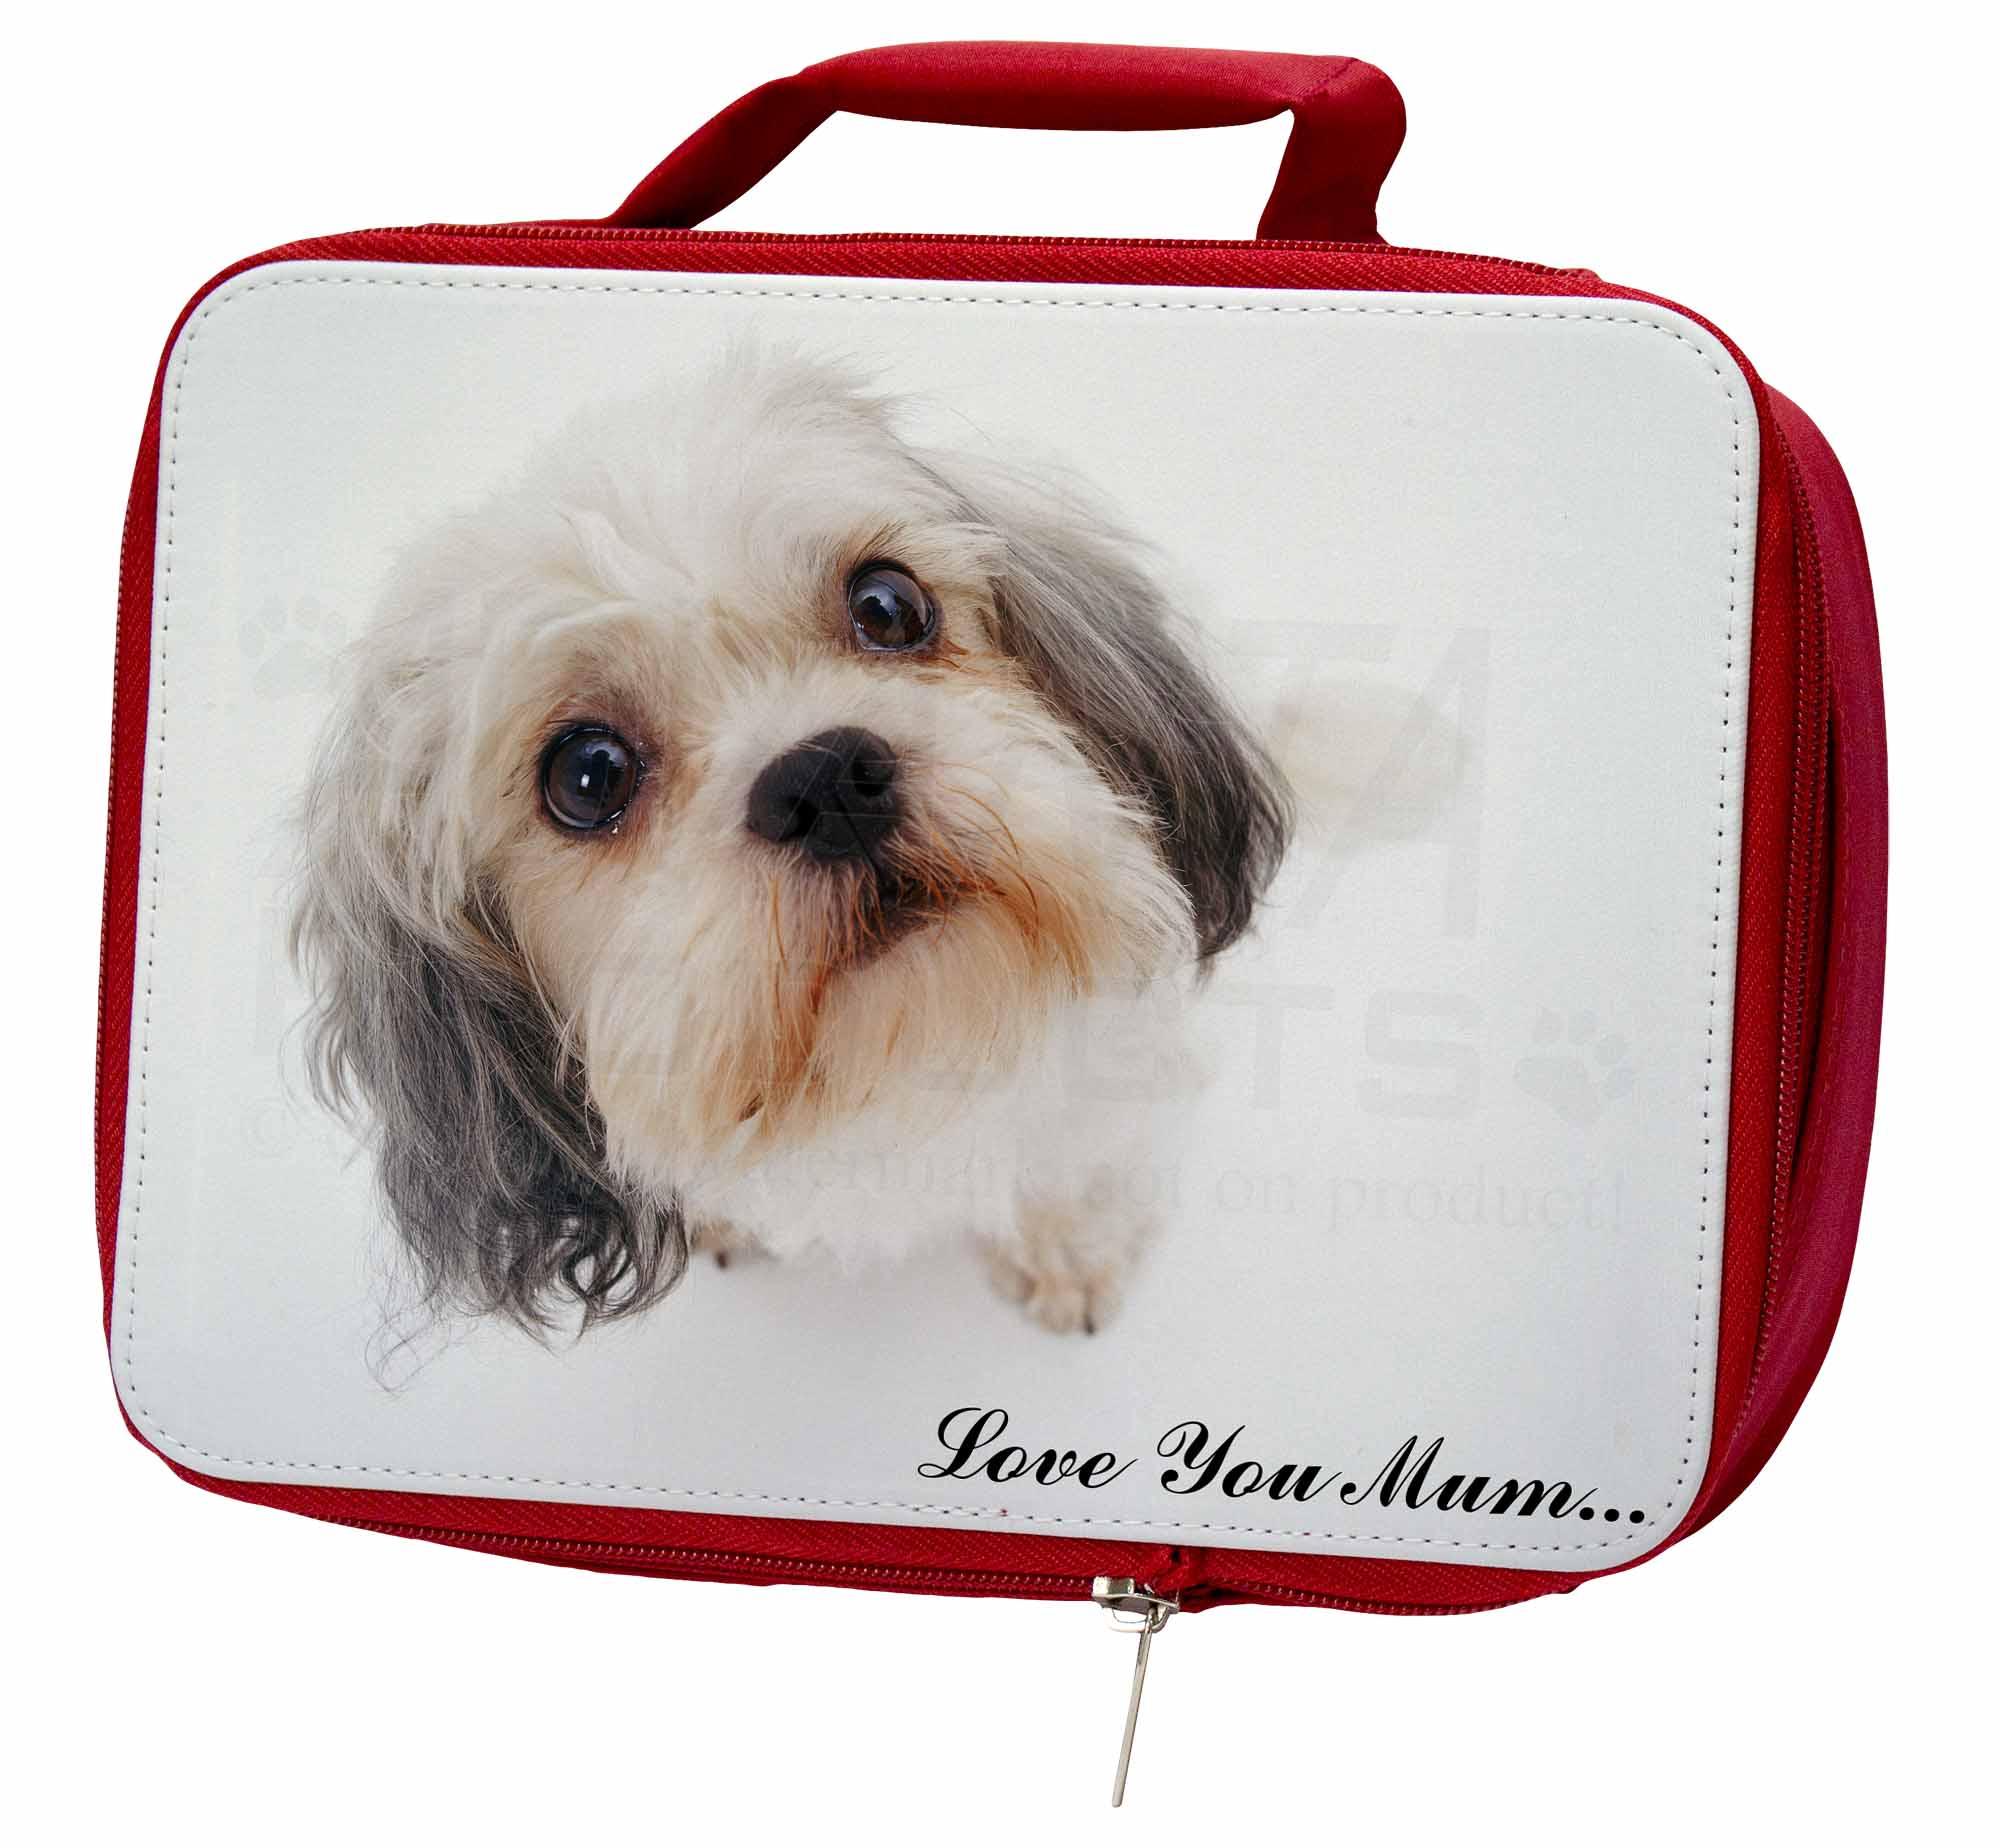 Cute Shih-Tzu Mum' Dog 'Love You Mum' Shih-Tzu Insulated Red School Lunch Box/Pi, AD-SZ5lymLBR cd8219